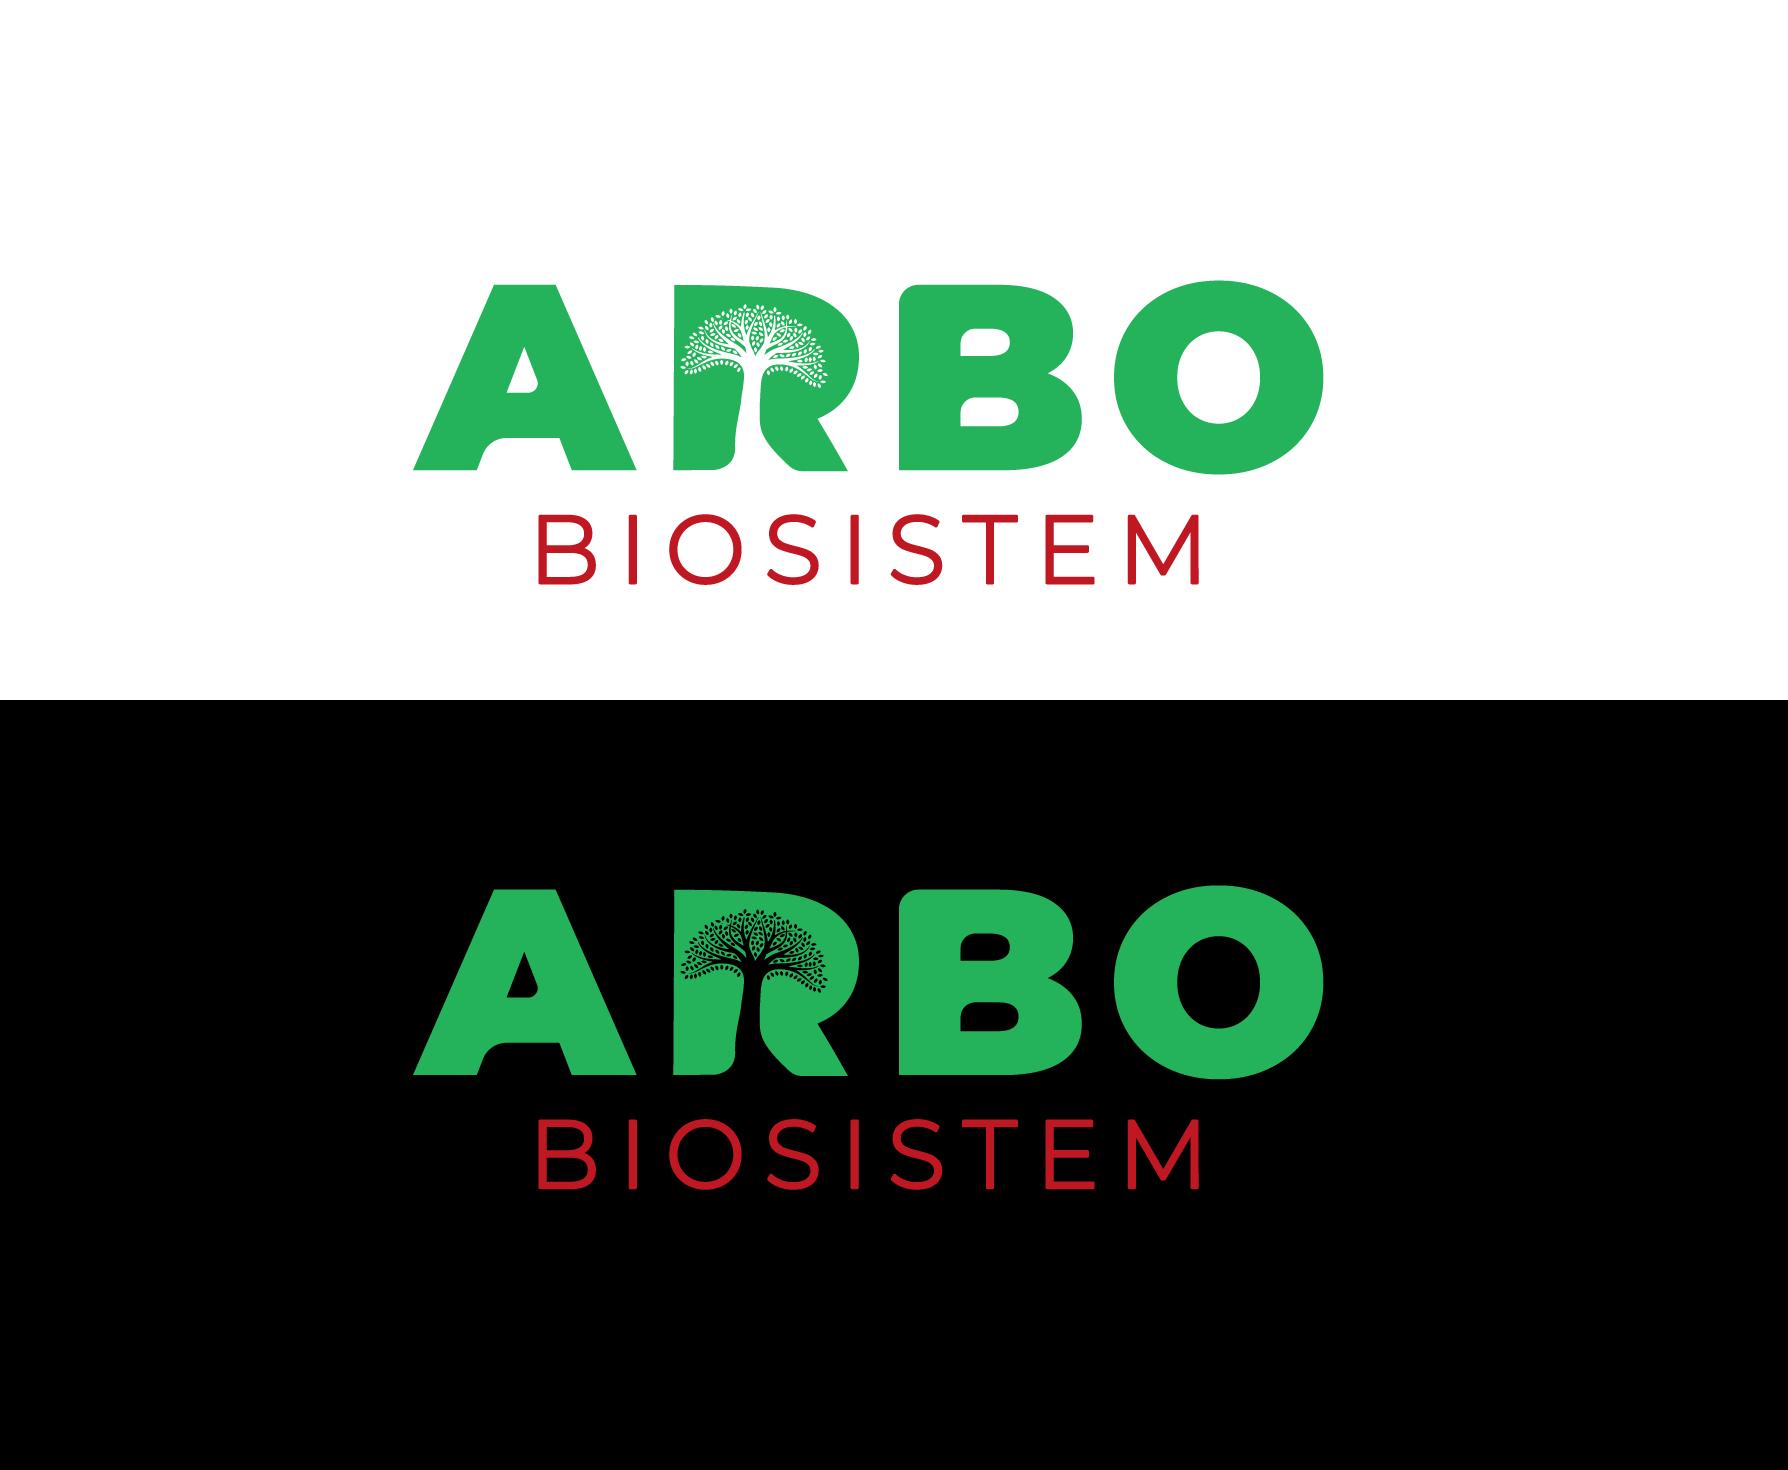 arbo_biosistemCOLOR-03